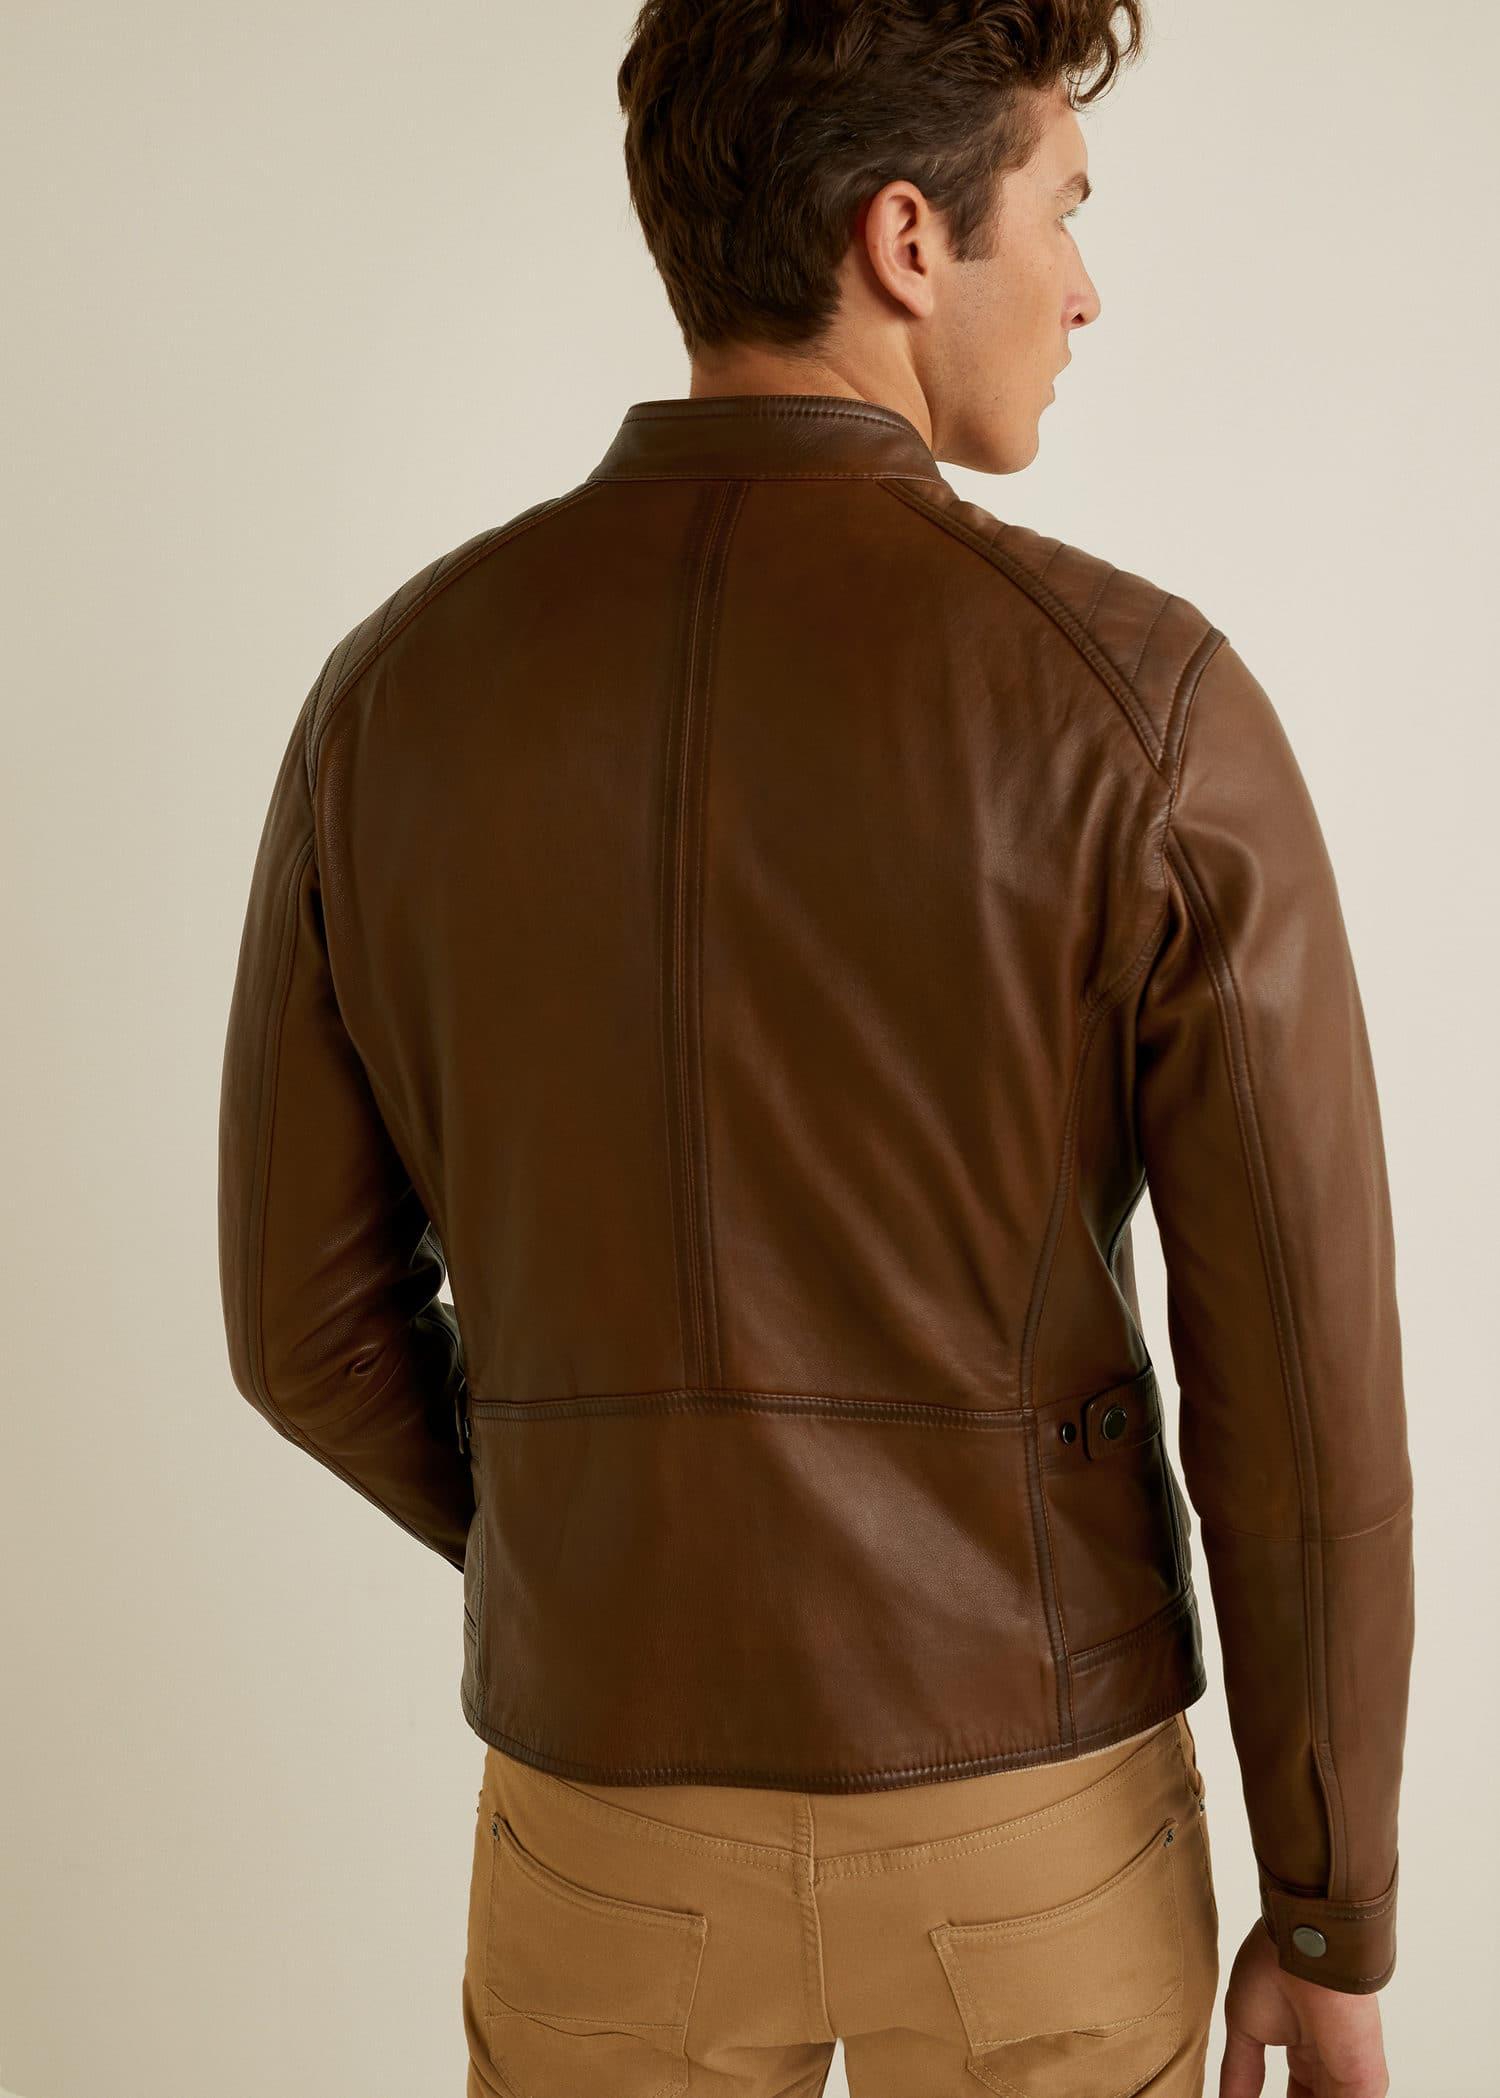 Cazadora biker piel Hombre | Mango Man España